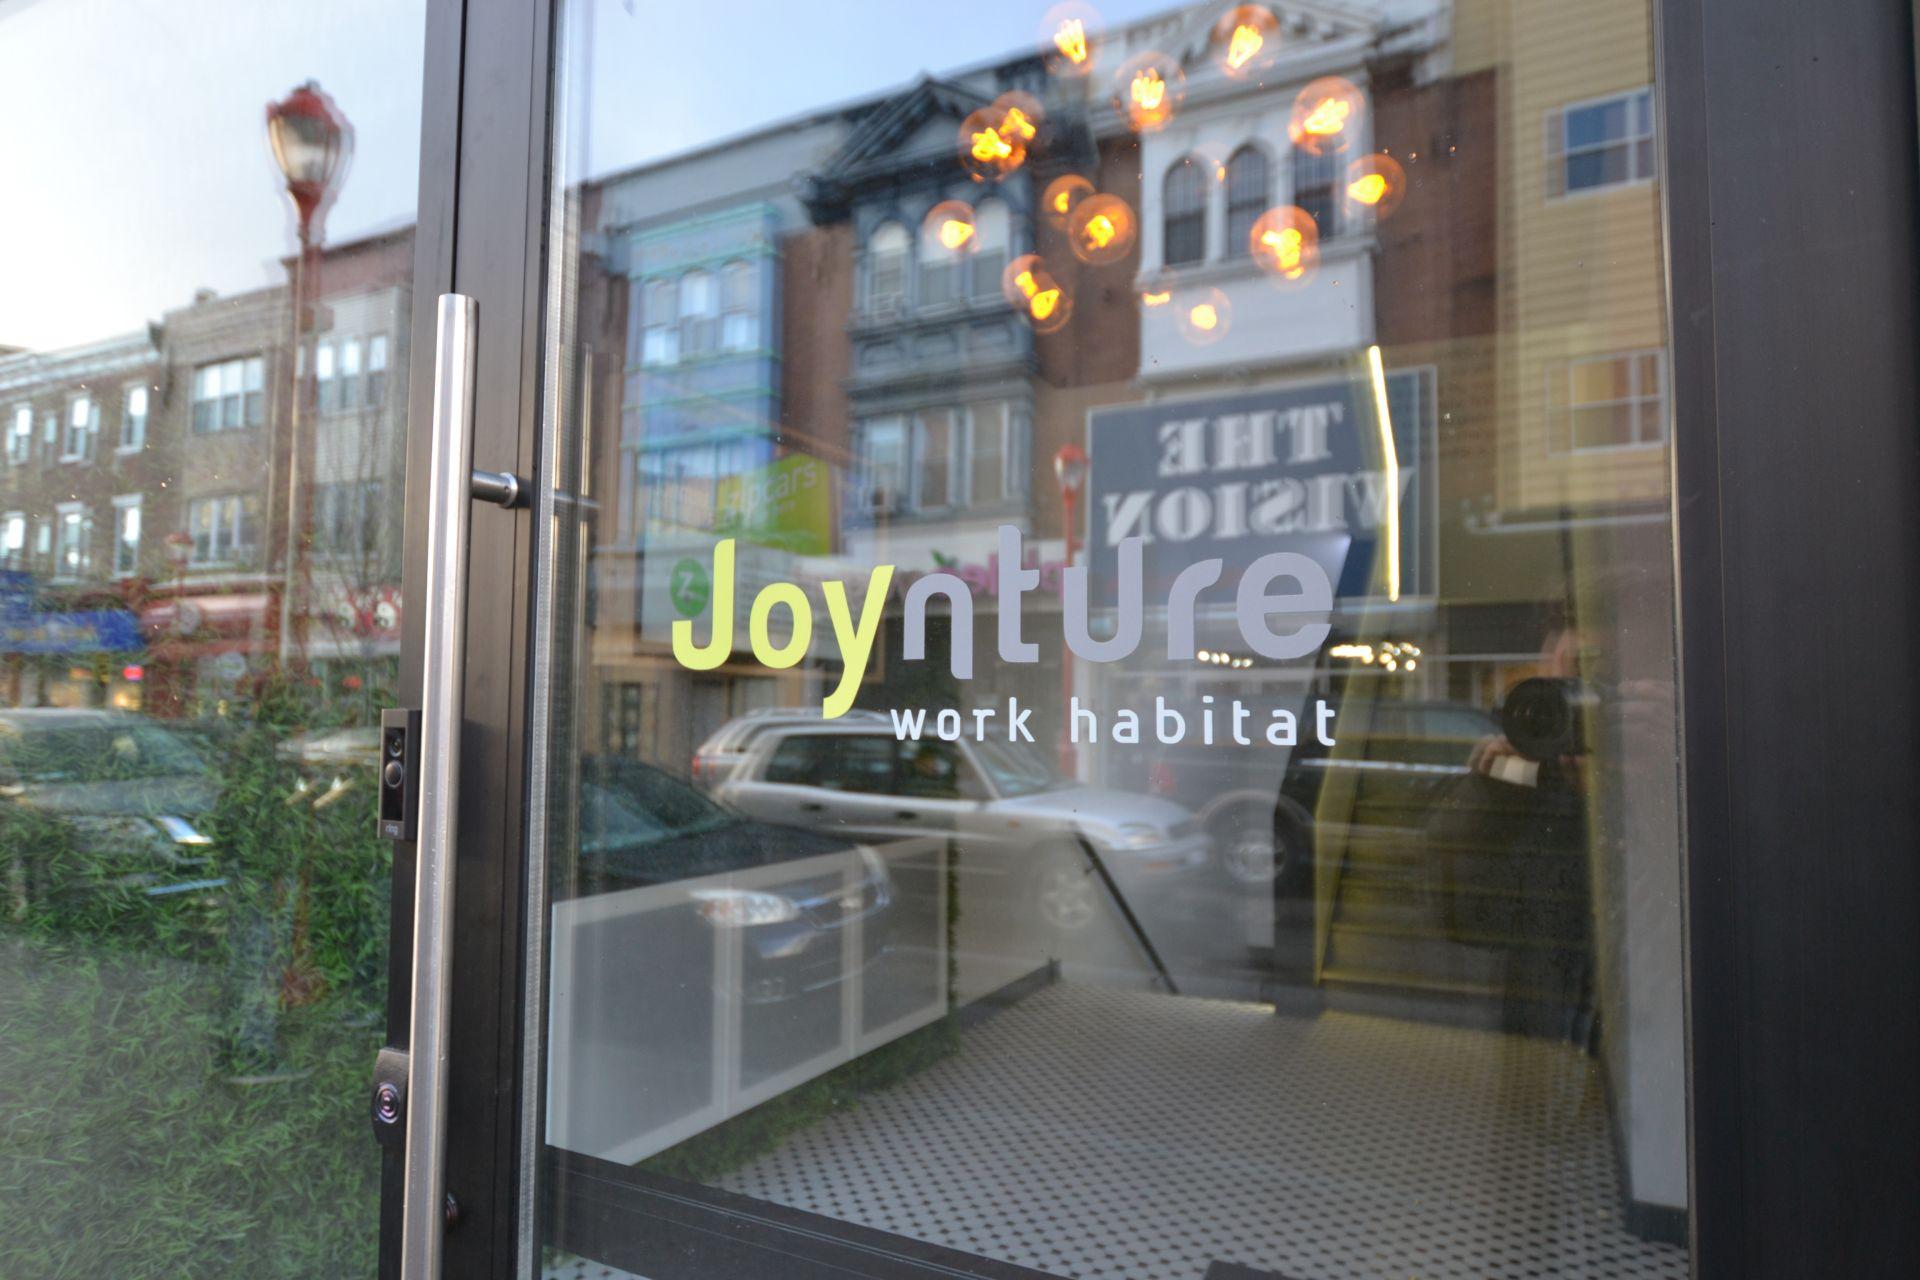 Joynture, Philadelphia